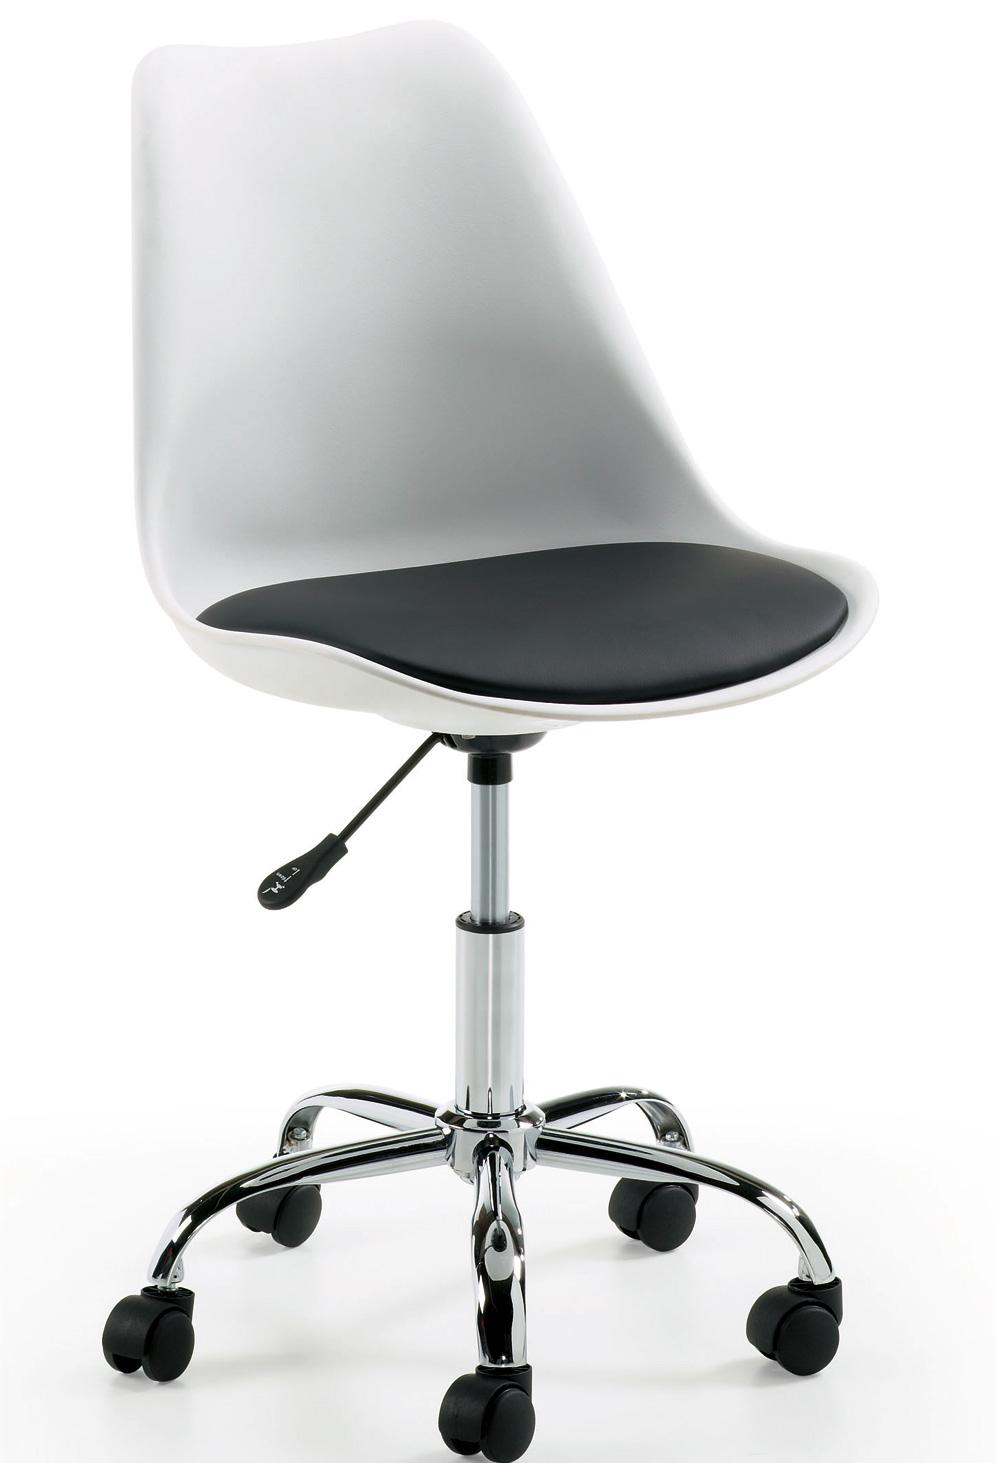 Silla orleans escritorio y sillones muebles de interior for Sillas oficina madrid